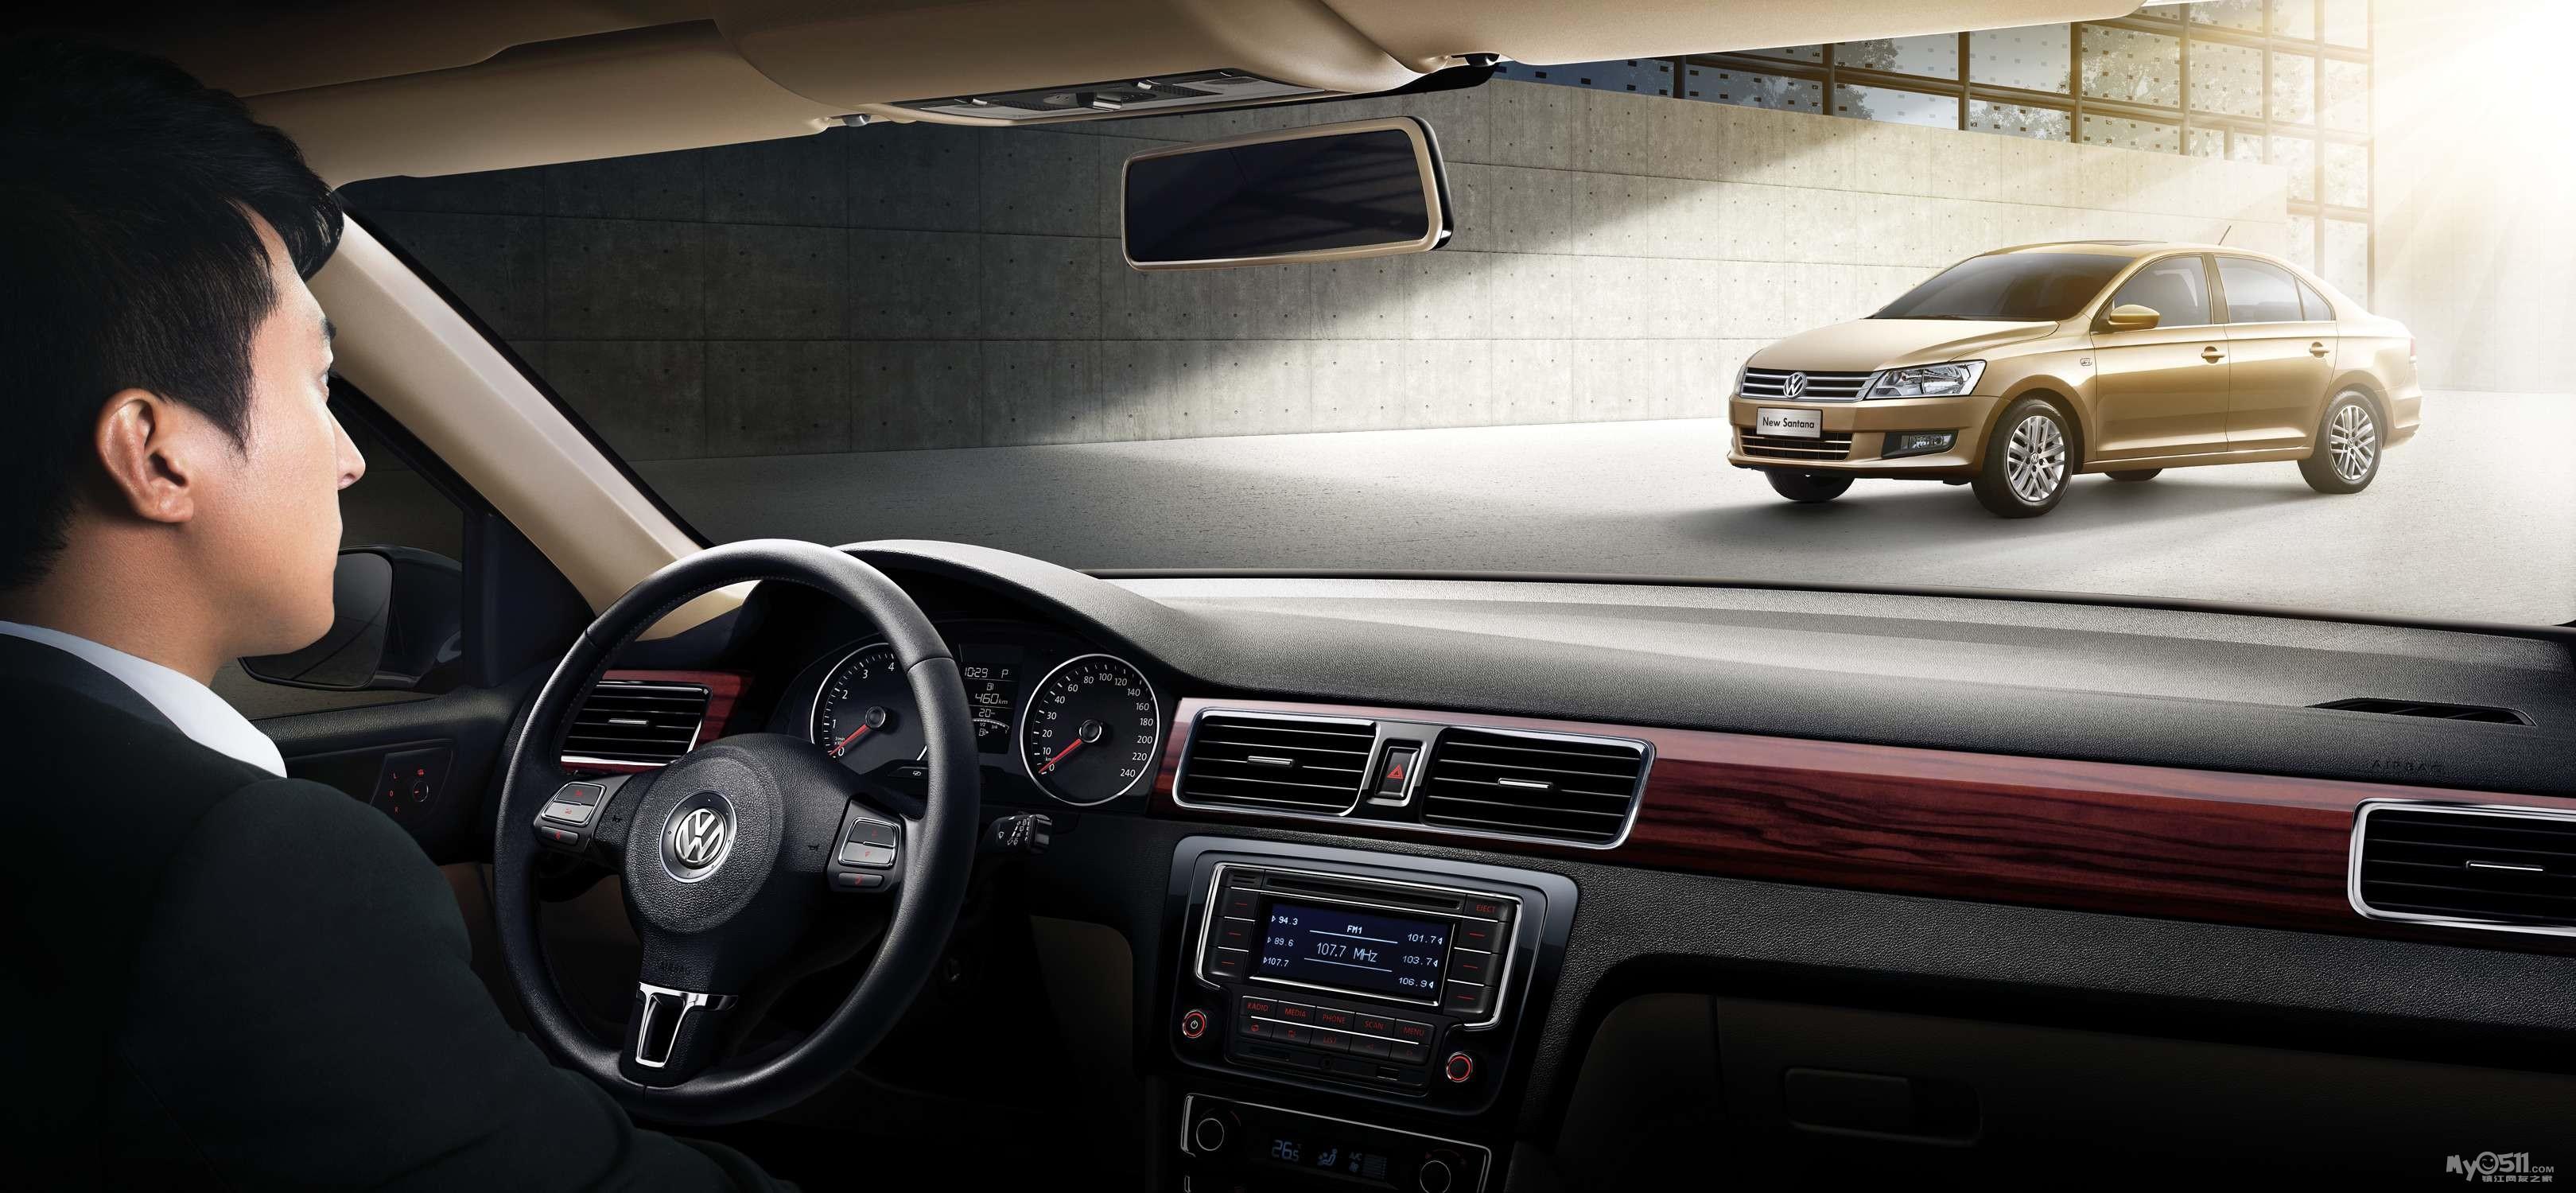 桑塔纳应运而生,凭借其稳重大气的外观设计、舒适实用的驾乘高清图片